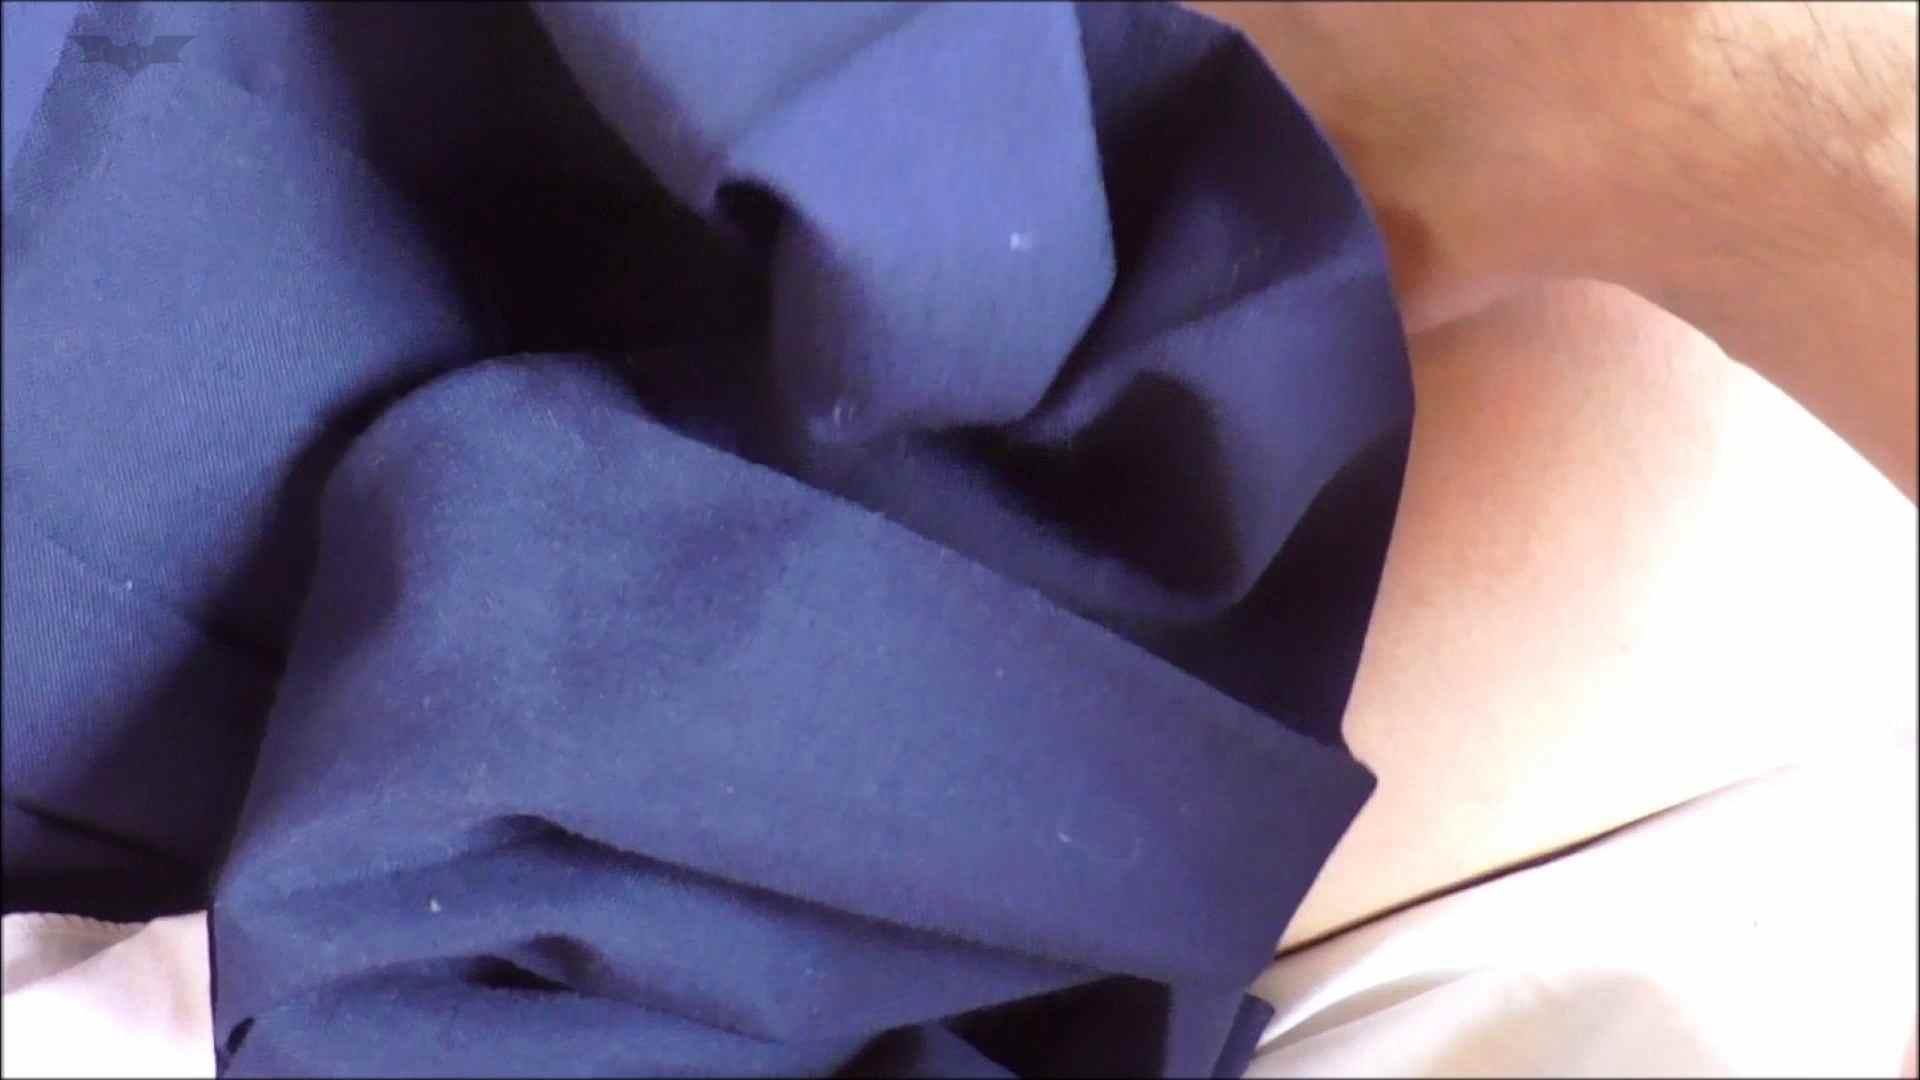 パンツを売る女 Vol.05 なんだかんだホテルに連れ込みバイブで。。。 ホテル のぞき動画画像 55PIX 39